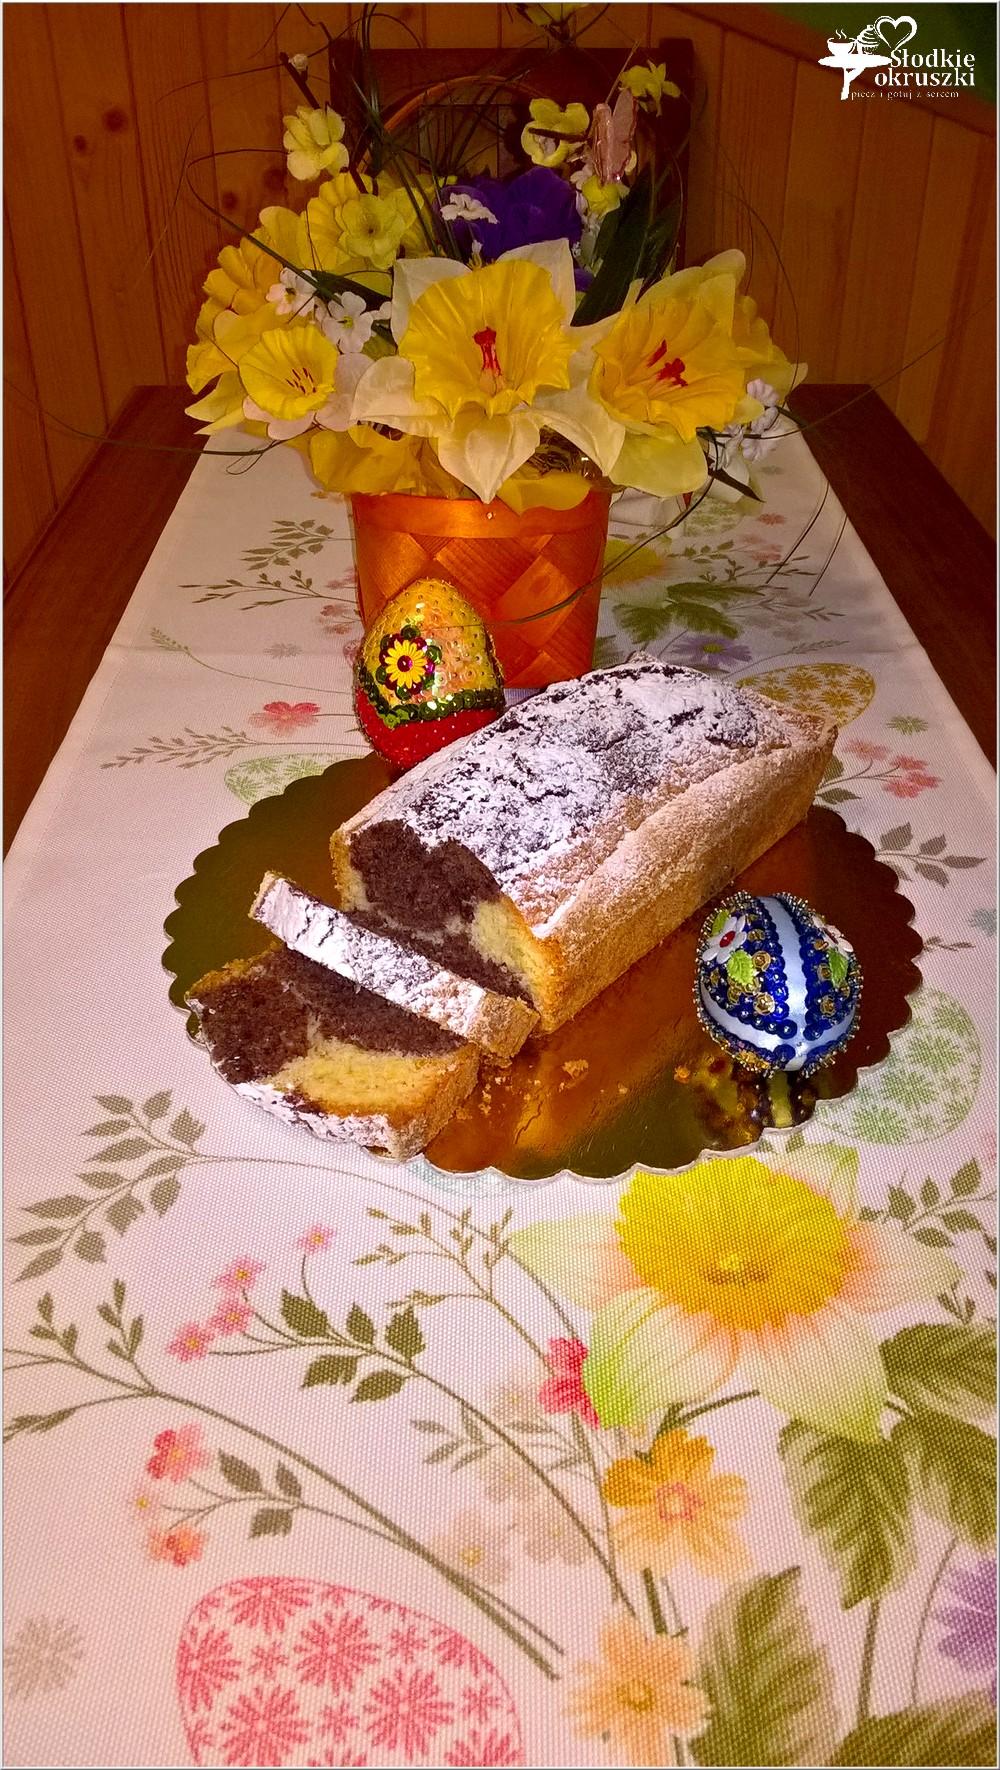 Szybka babka śmietankowo-kakaowa na świąteczny stół (4)